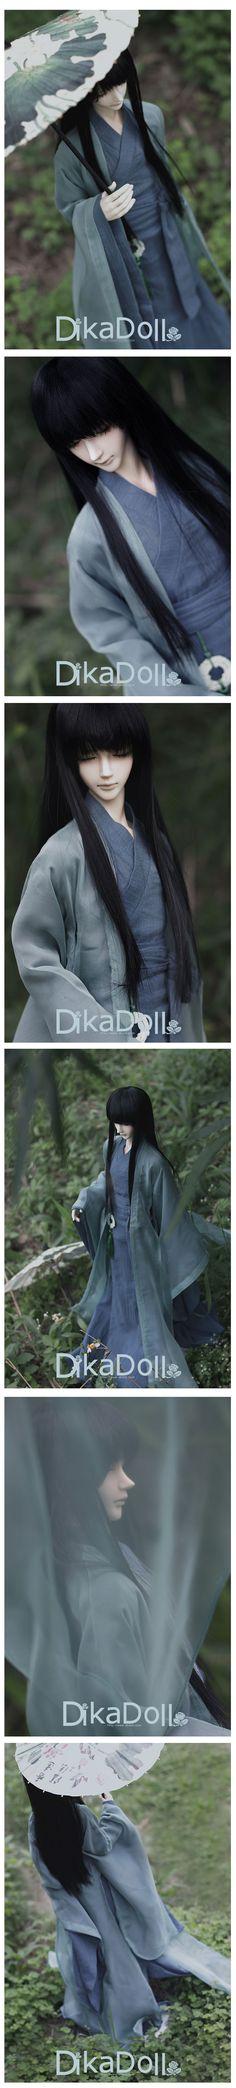 BJD LiuZi 68cm boy Boll-jointed doll_70cm dolls_DIKA DOLL_DOLL_Ball Jointed Dolls (BJD) company-Legenddoll